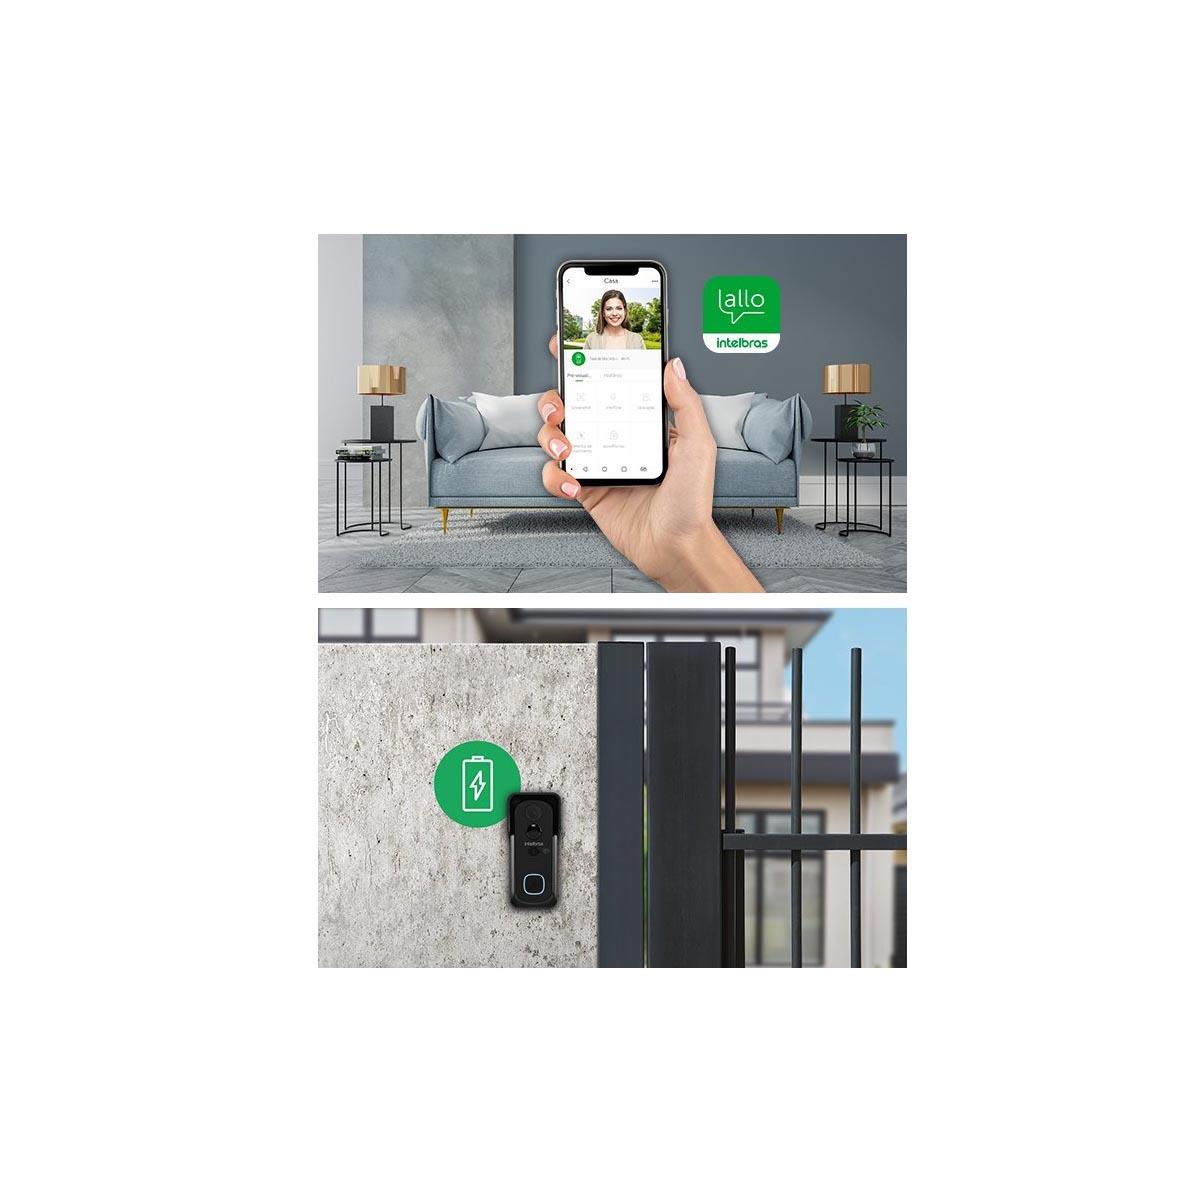 Video Porteiro Wi-Fi Intelbras Allo W5